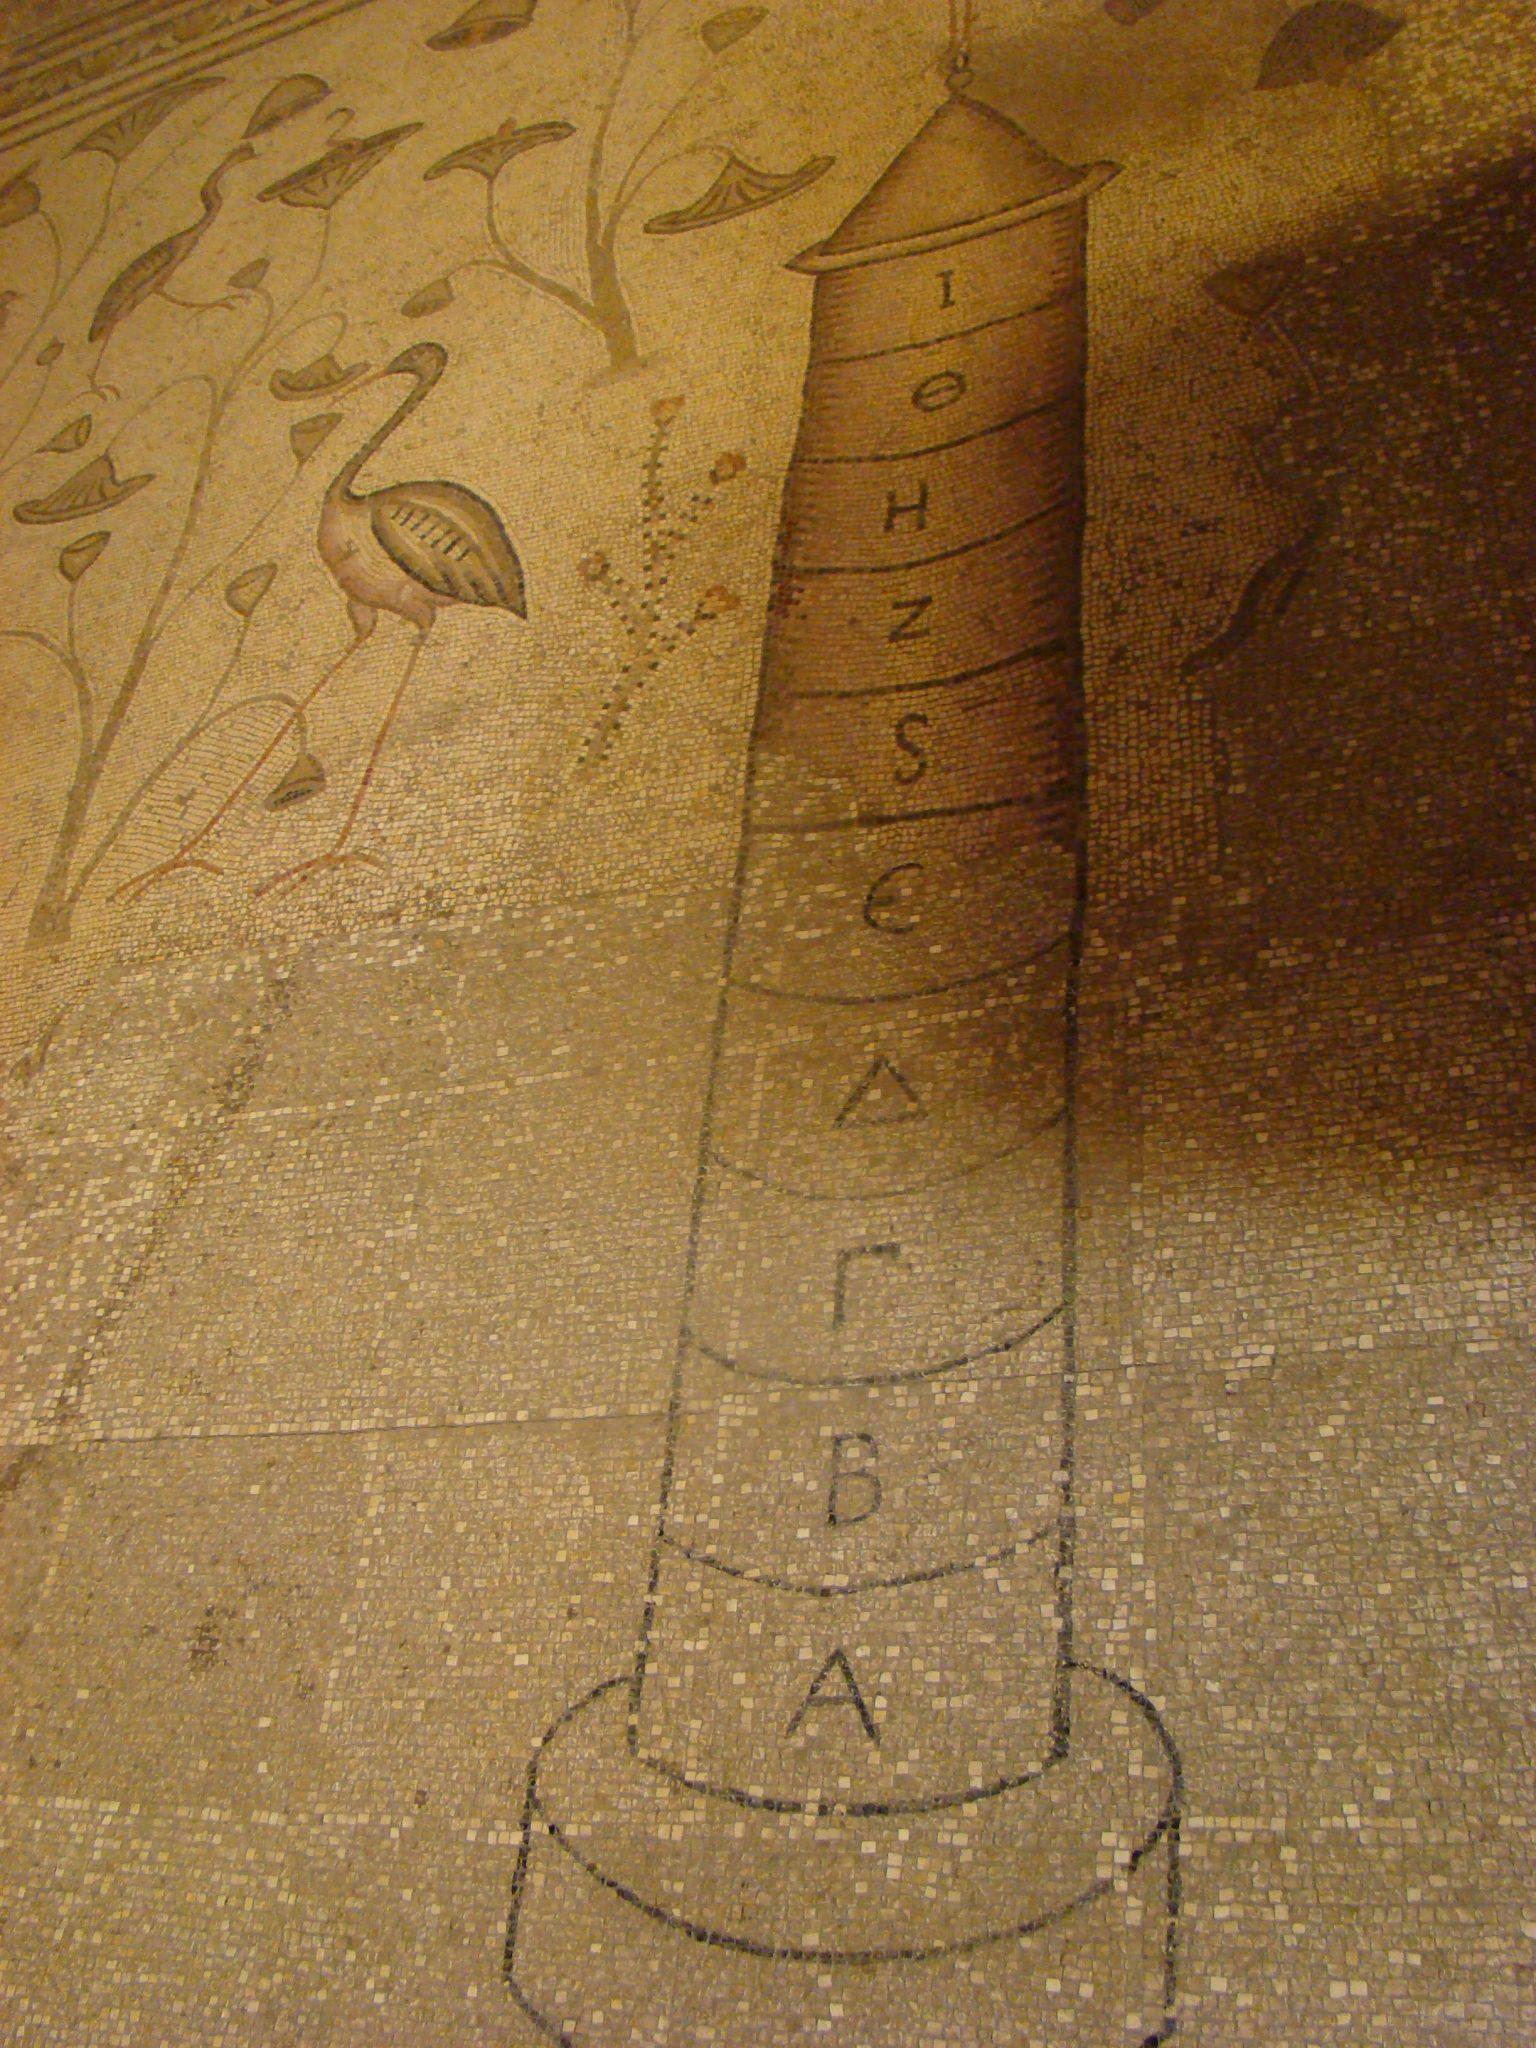 נילומטר, פסיפס הנילוס בכנסיית הלחם והדגים, טיילת הבשורה בצפון הכינרת